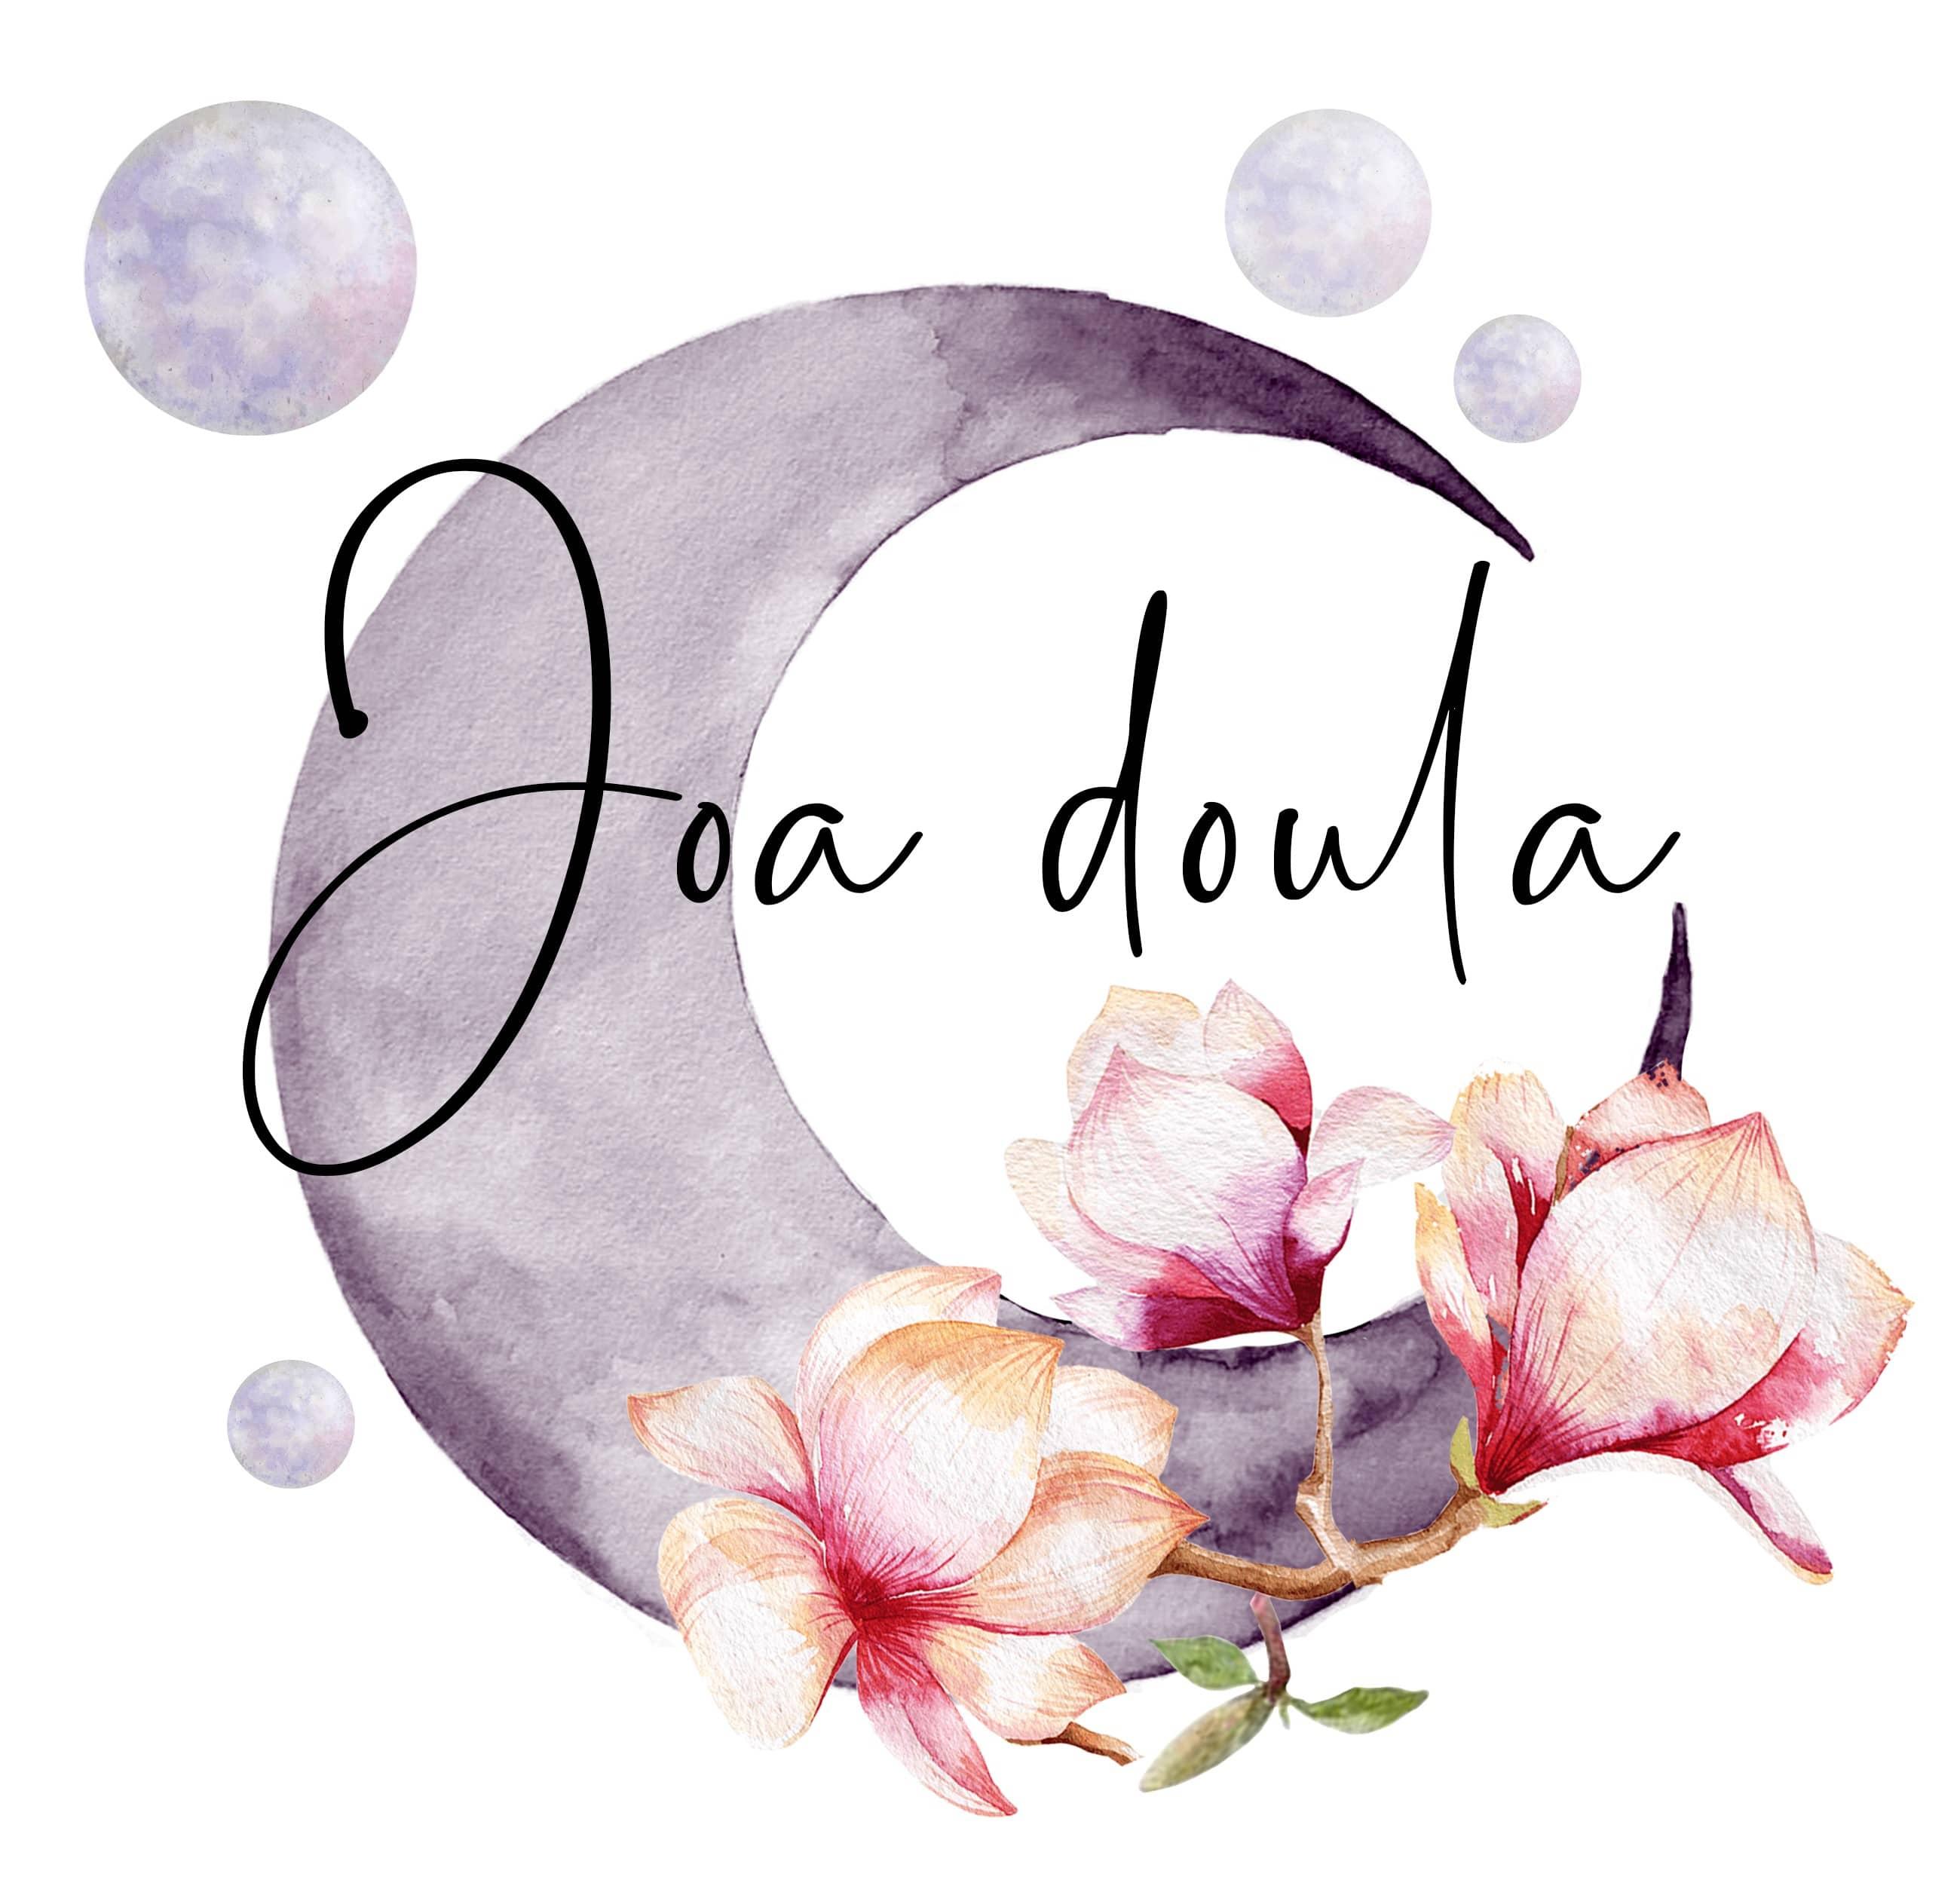 Joa Doula    Accompagnante et massothérapeute périnatale